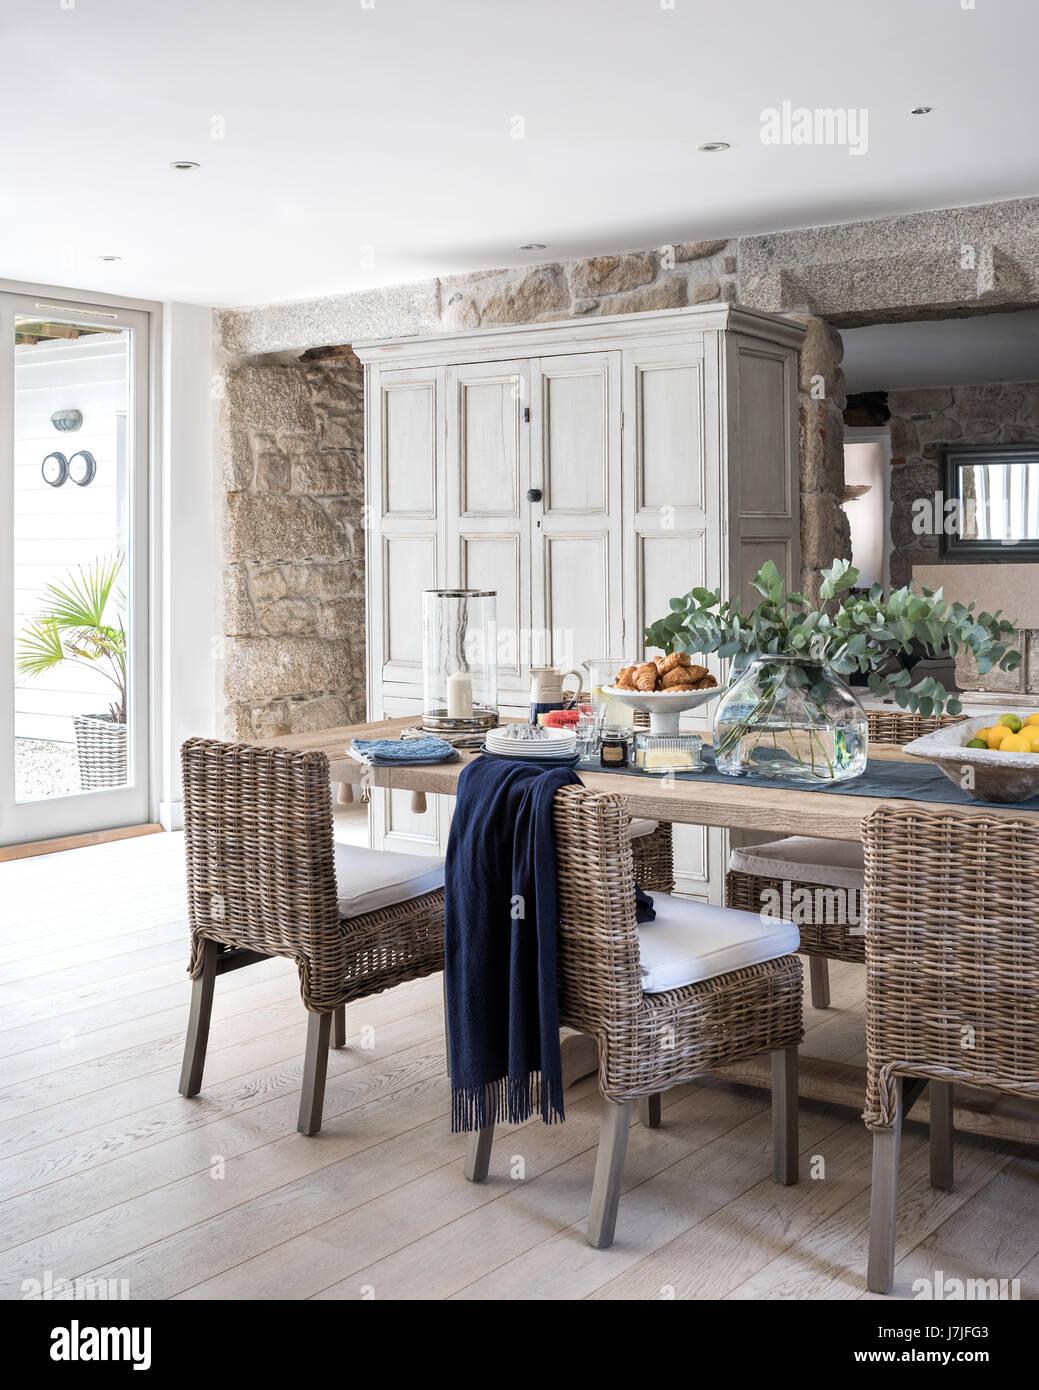 Amplia cocina comedor con paredes de granito expuesta, ratán sillas ...